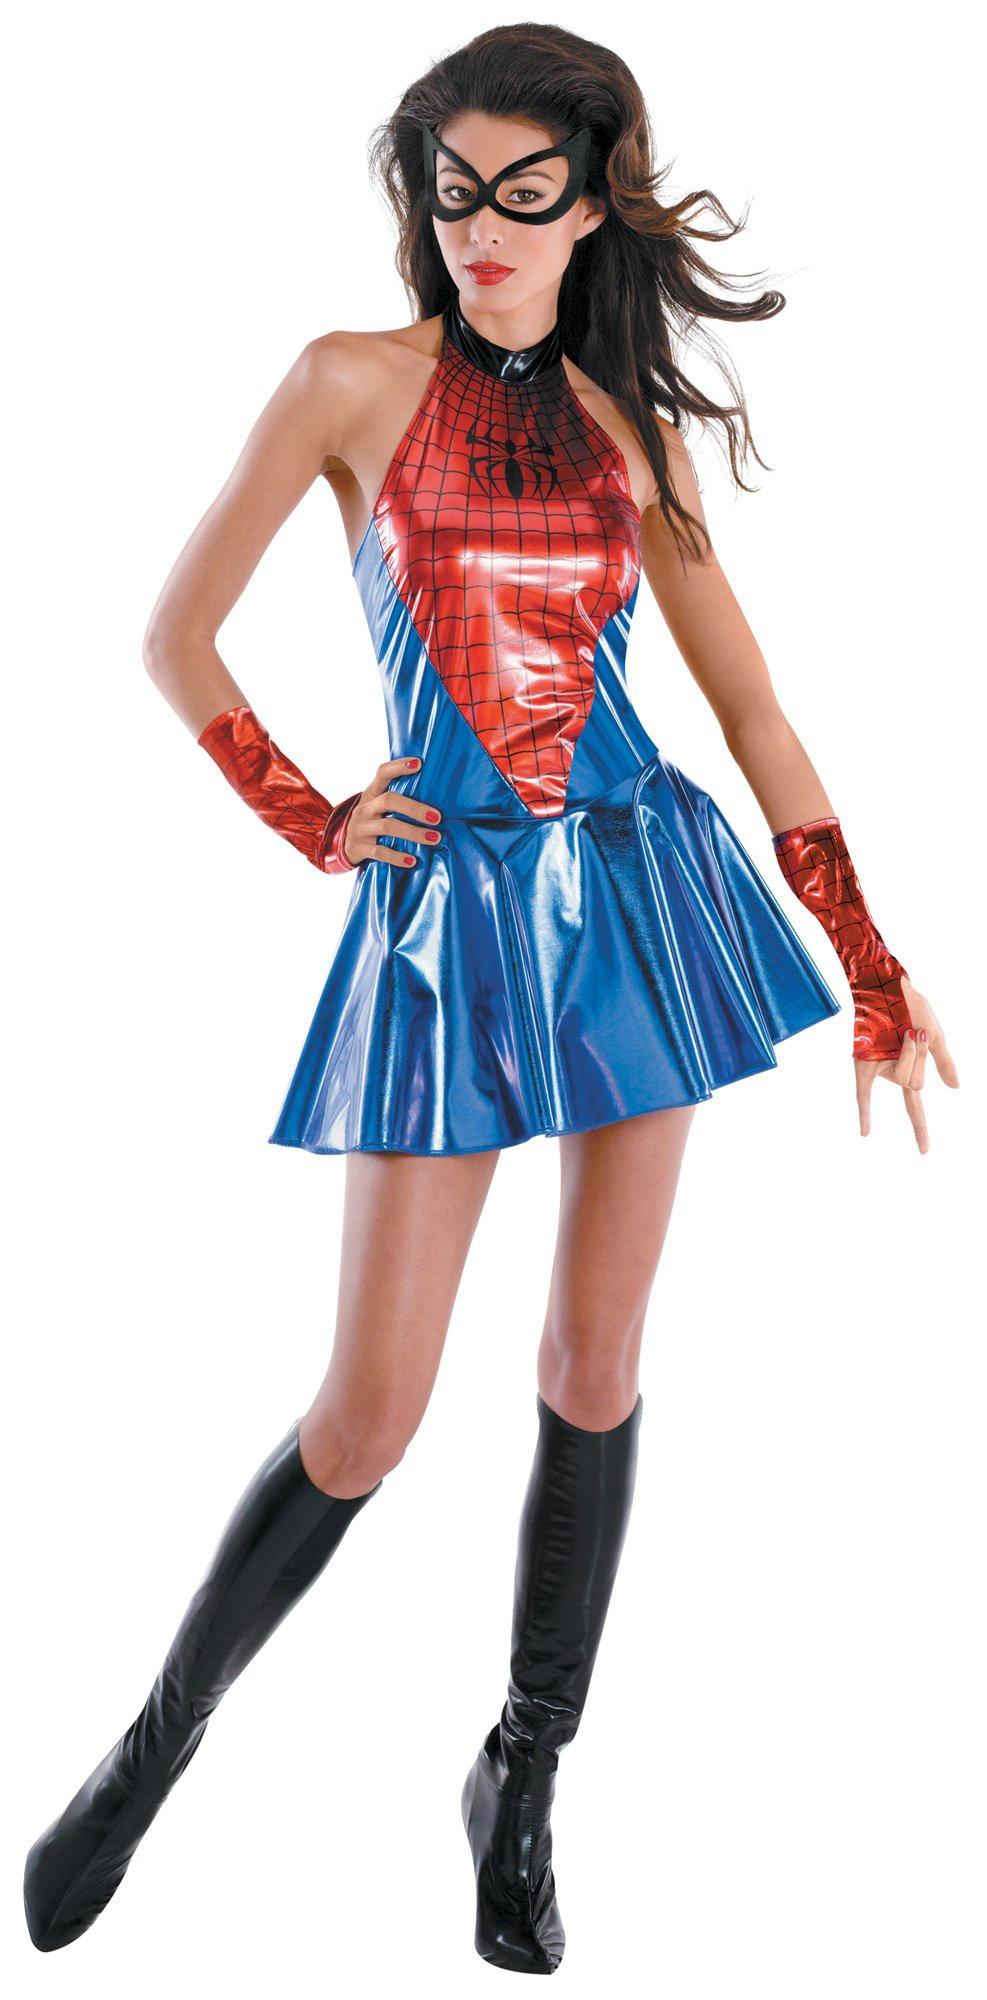 spidergirl adult